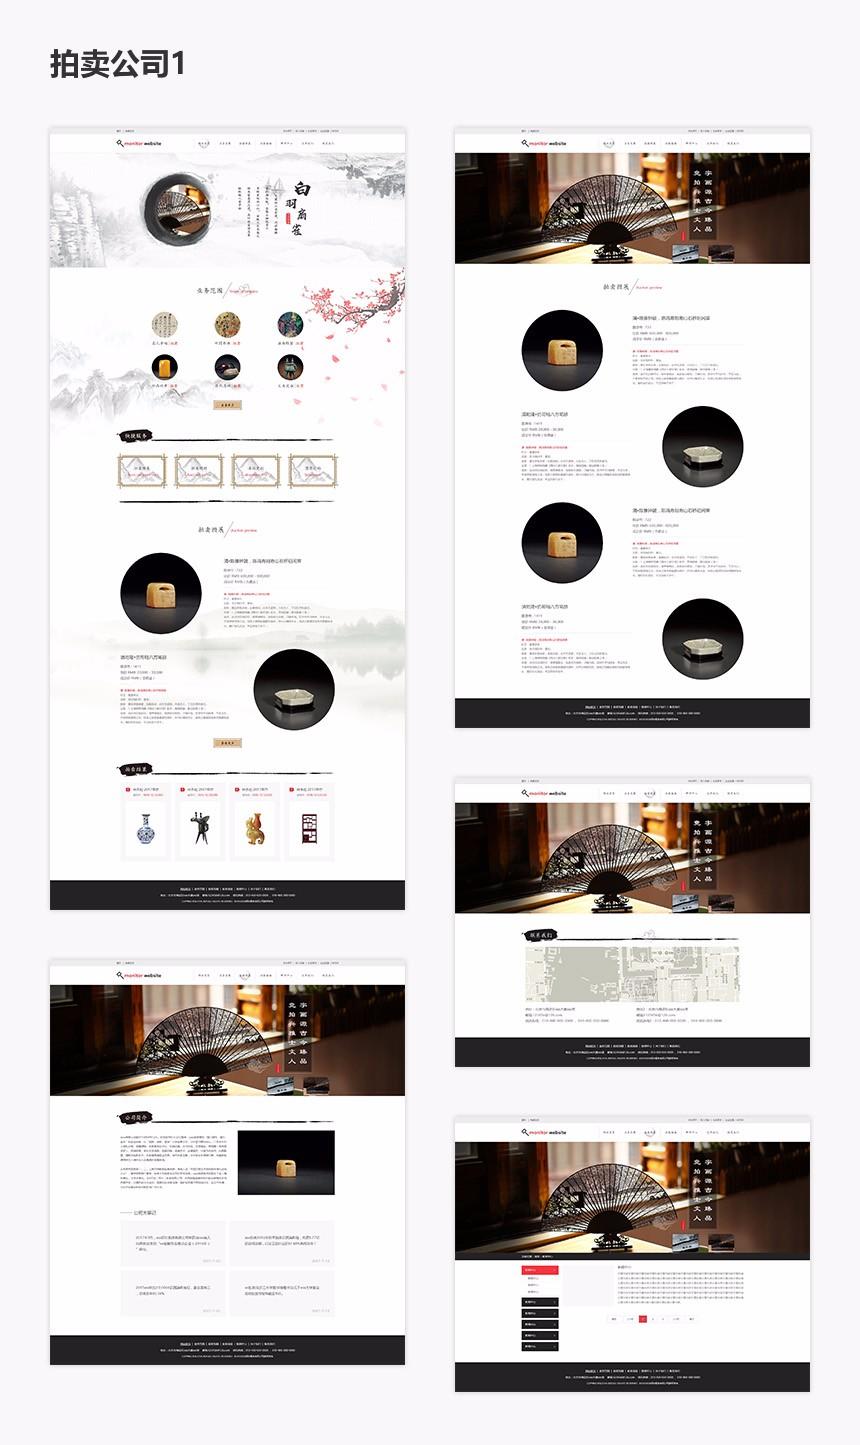 重庆拍卖网站模版样式.jpg